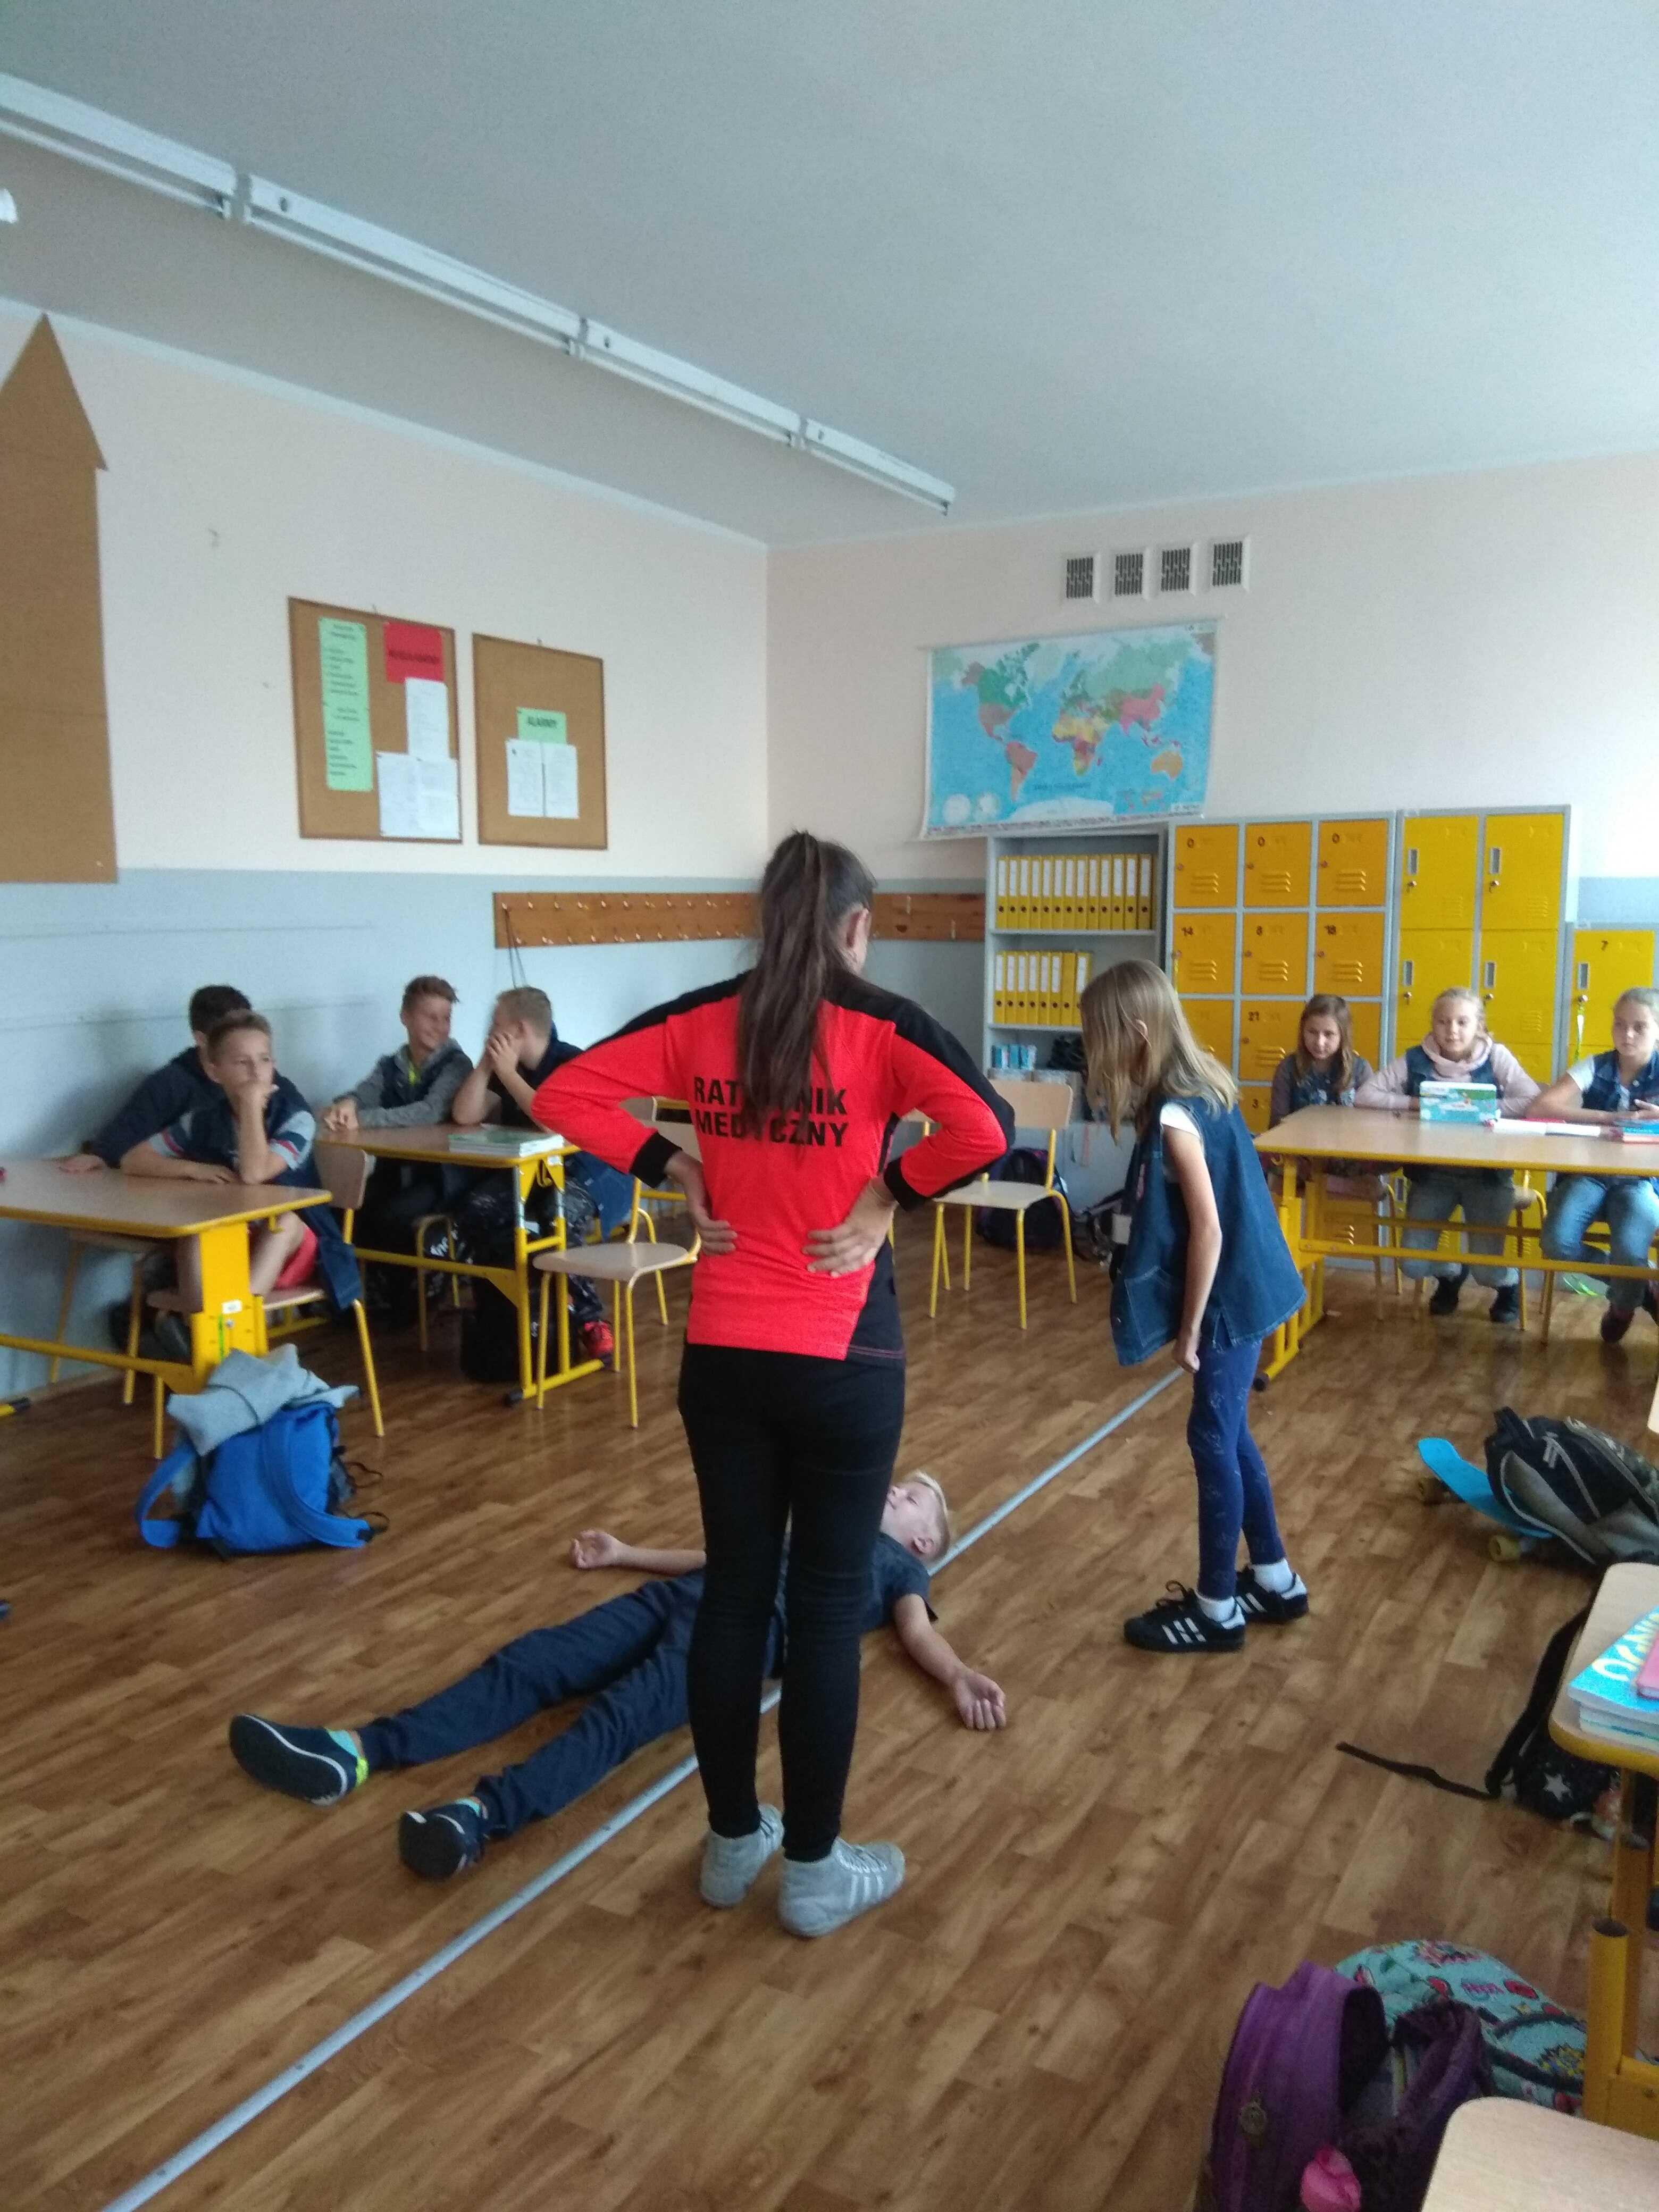 a3cfe91853 W ostatnich dniach do naszej szkoły zawitała Siemianowicka Akademia Młodych  Ratowników zainicjowana przez Prezydenta Miasta Rafała Piecha.